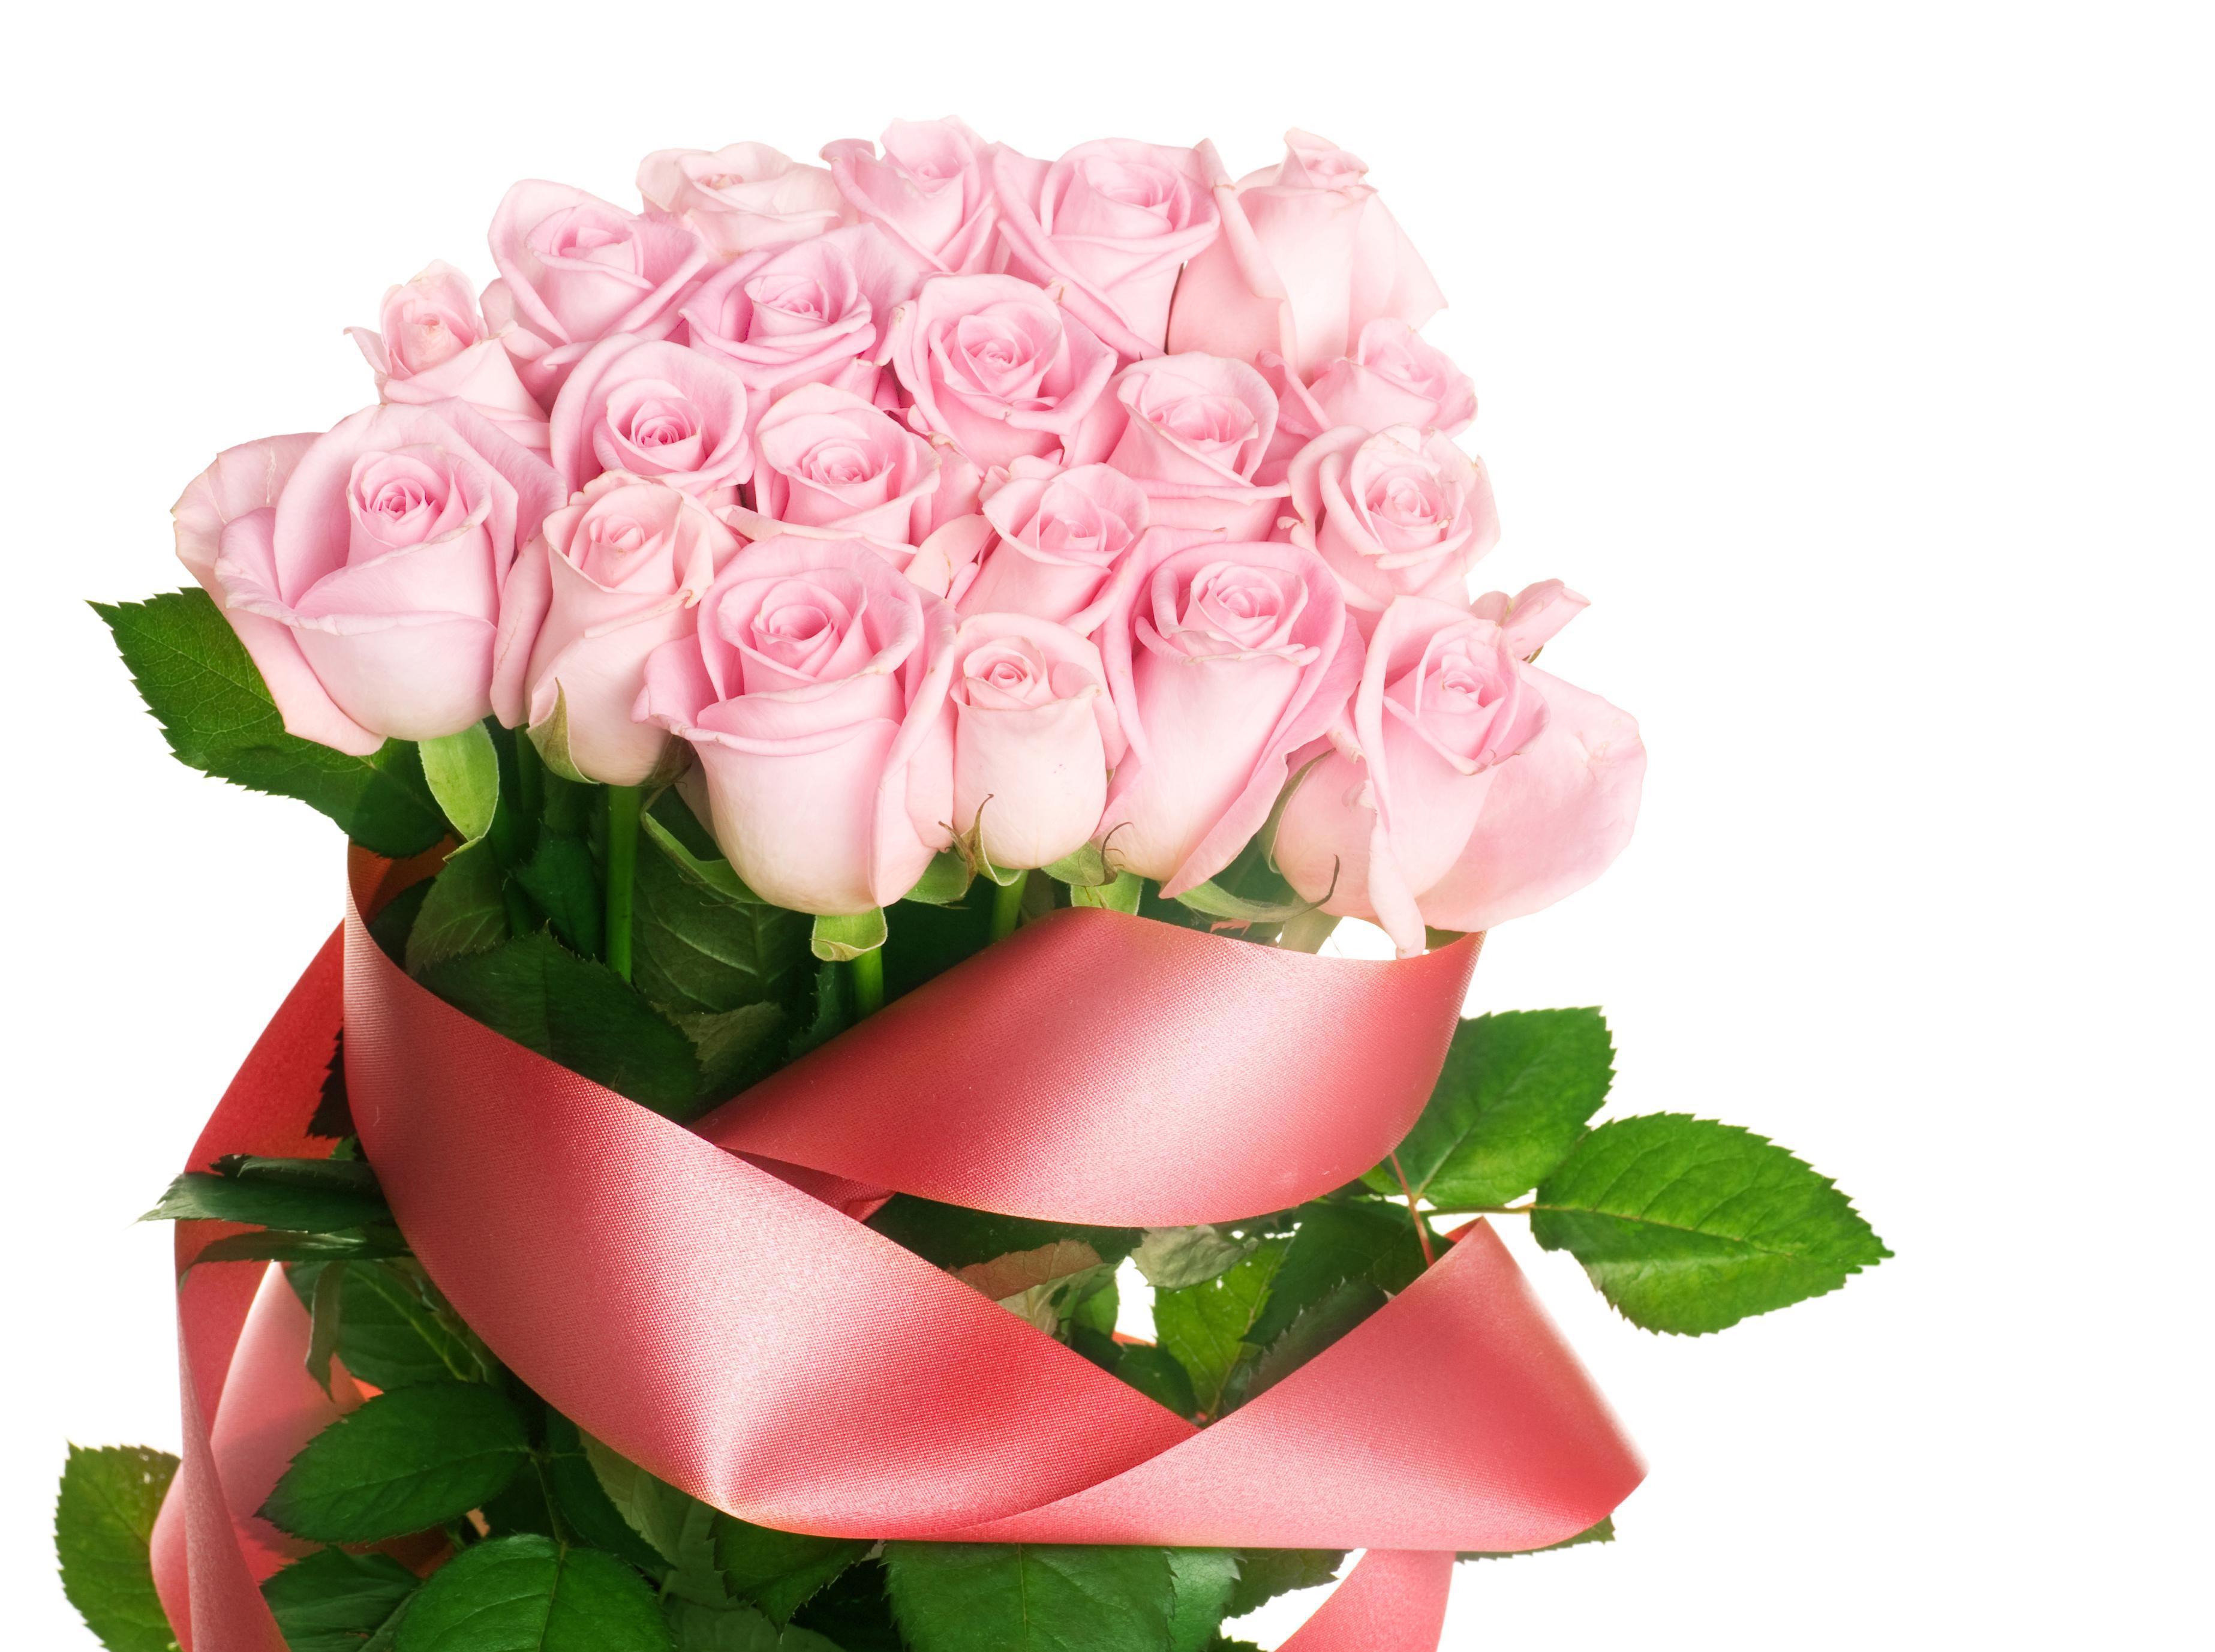 Картинки букет рз розовых с днем рождения 2